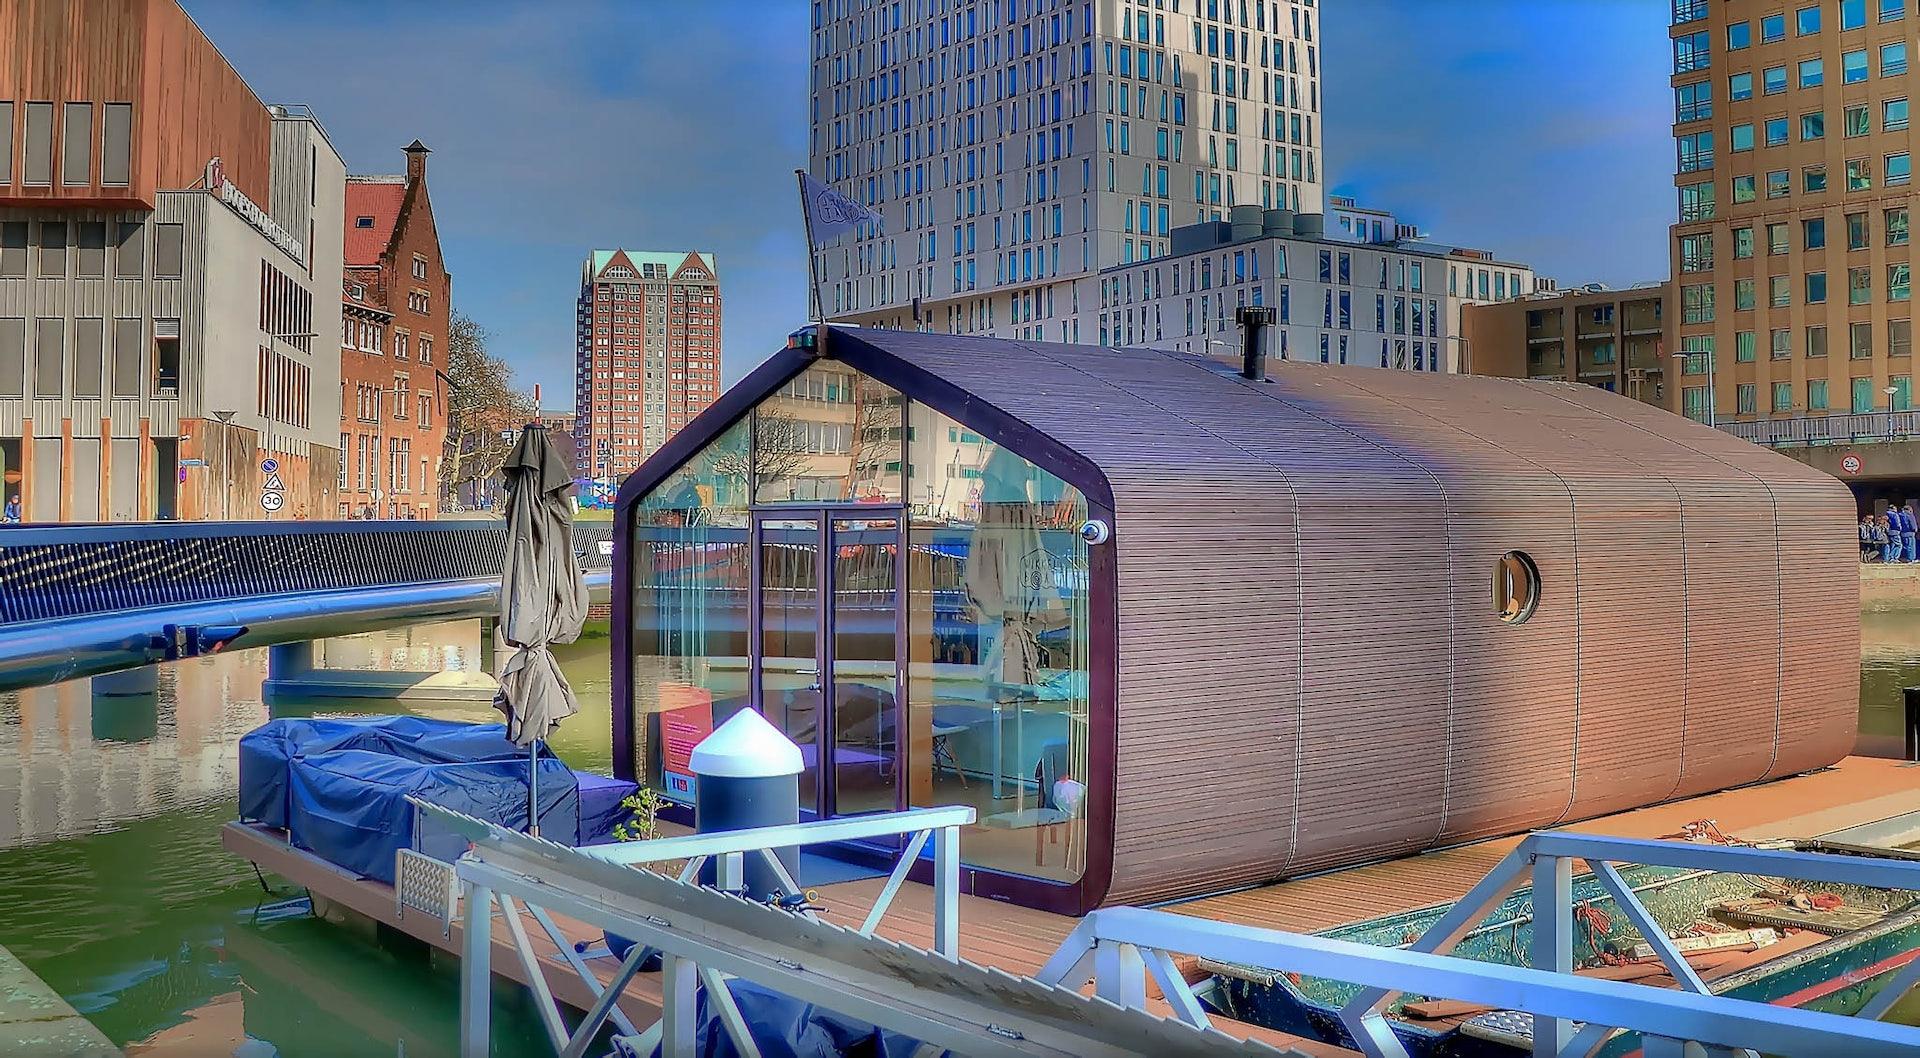 a floating cardboard hotel